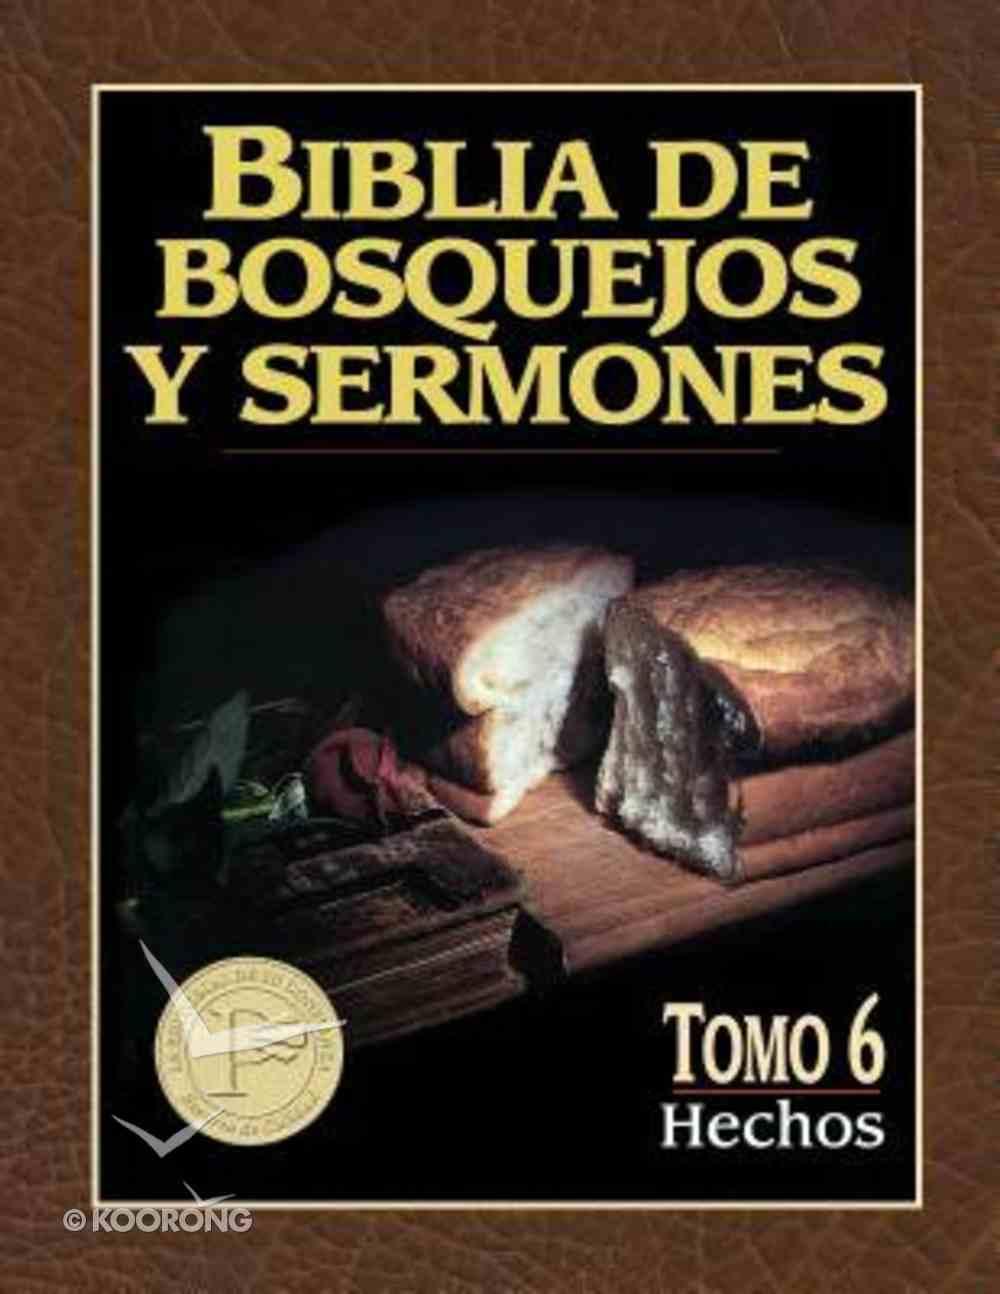 Biblia De Bosquejos Y Sermones #06: Hechos (Preacher's Outline and Sermon Bible: Acts) (#06 in Preacher's Outline & Sermon Bible Series) Paperback